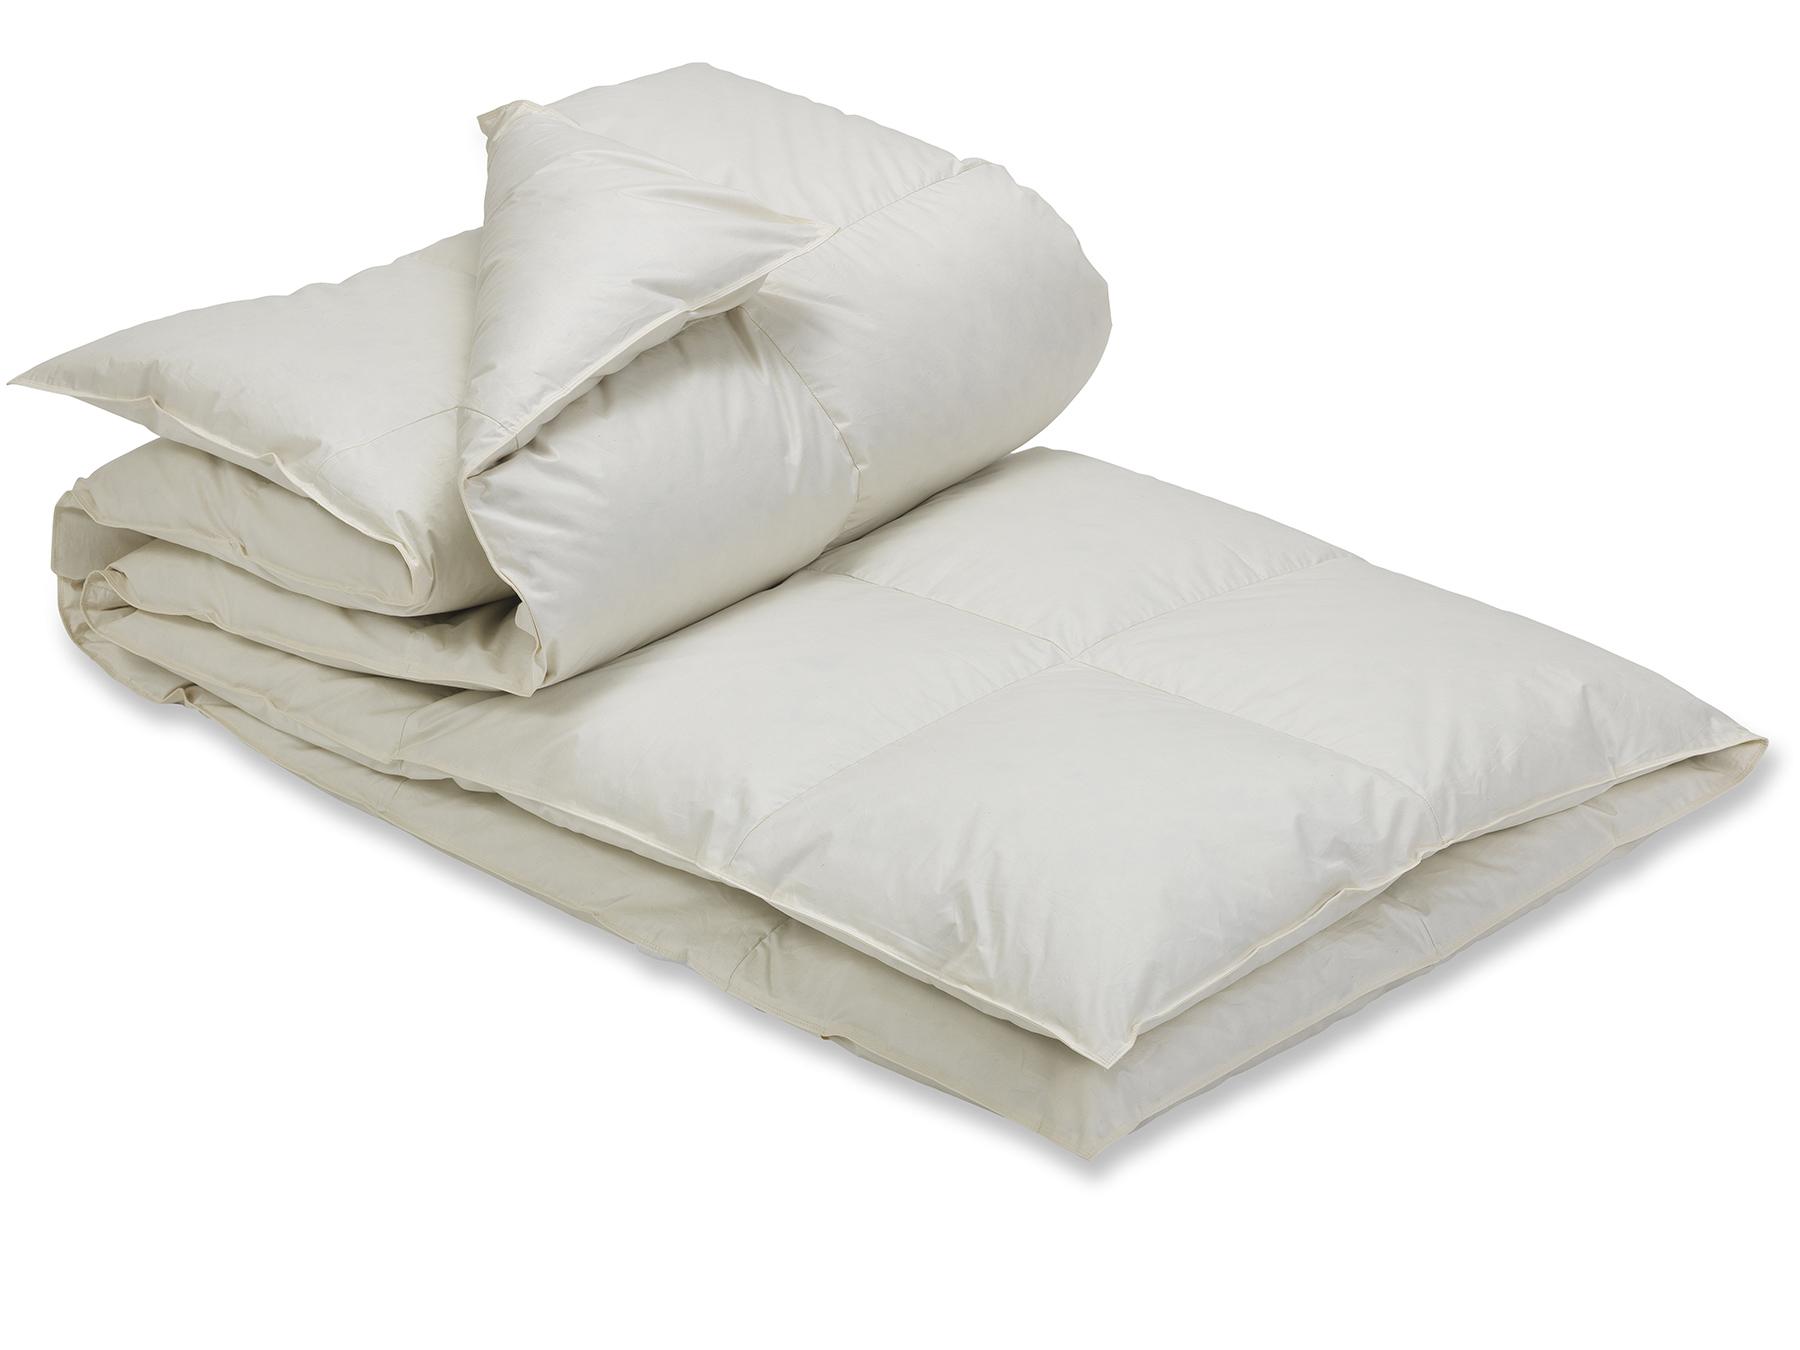 Schlafen mit gutem Gewissen: Unsere Gänse behalten bei Lebzeiten ihr Federkleid.